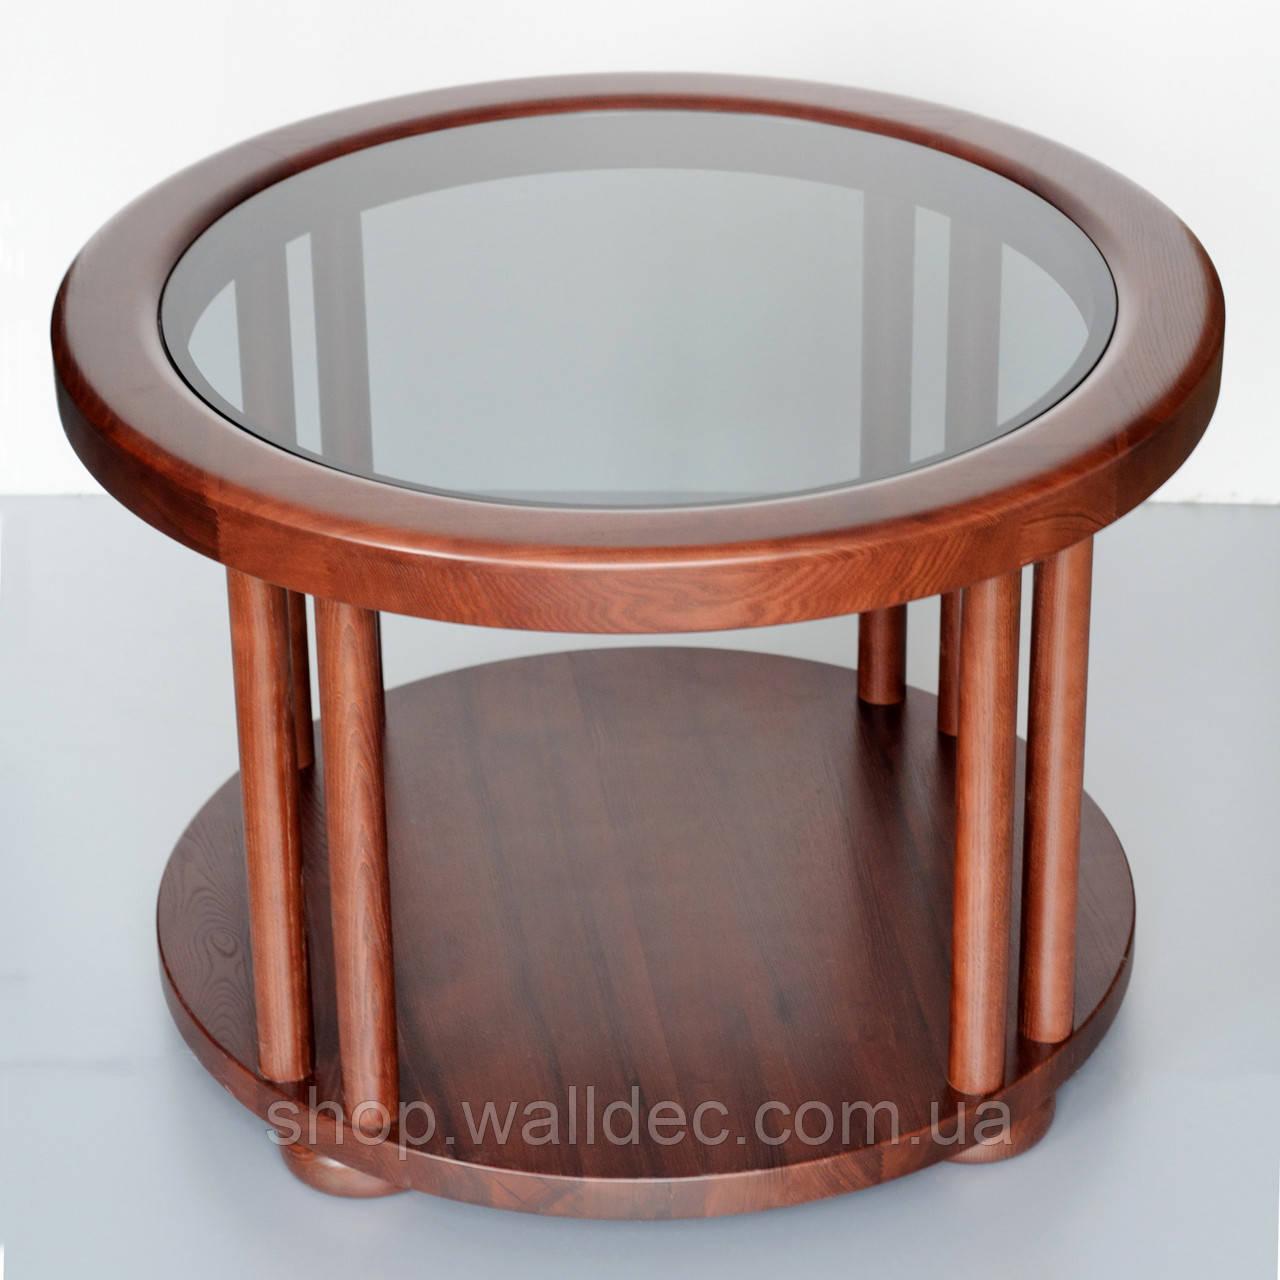 Круглый стол из ясеня